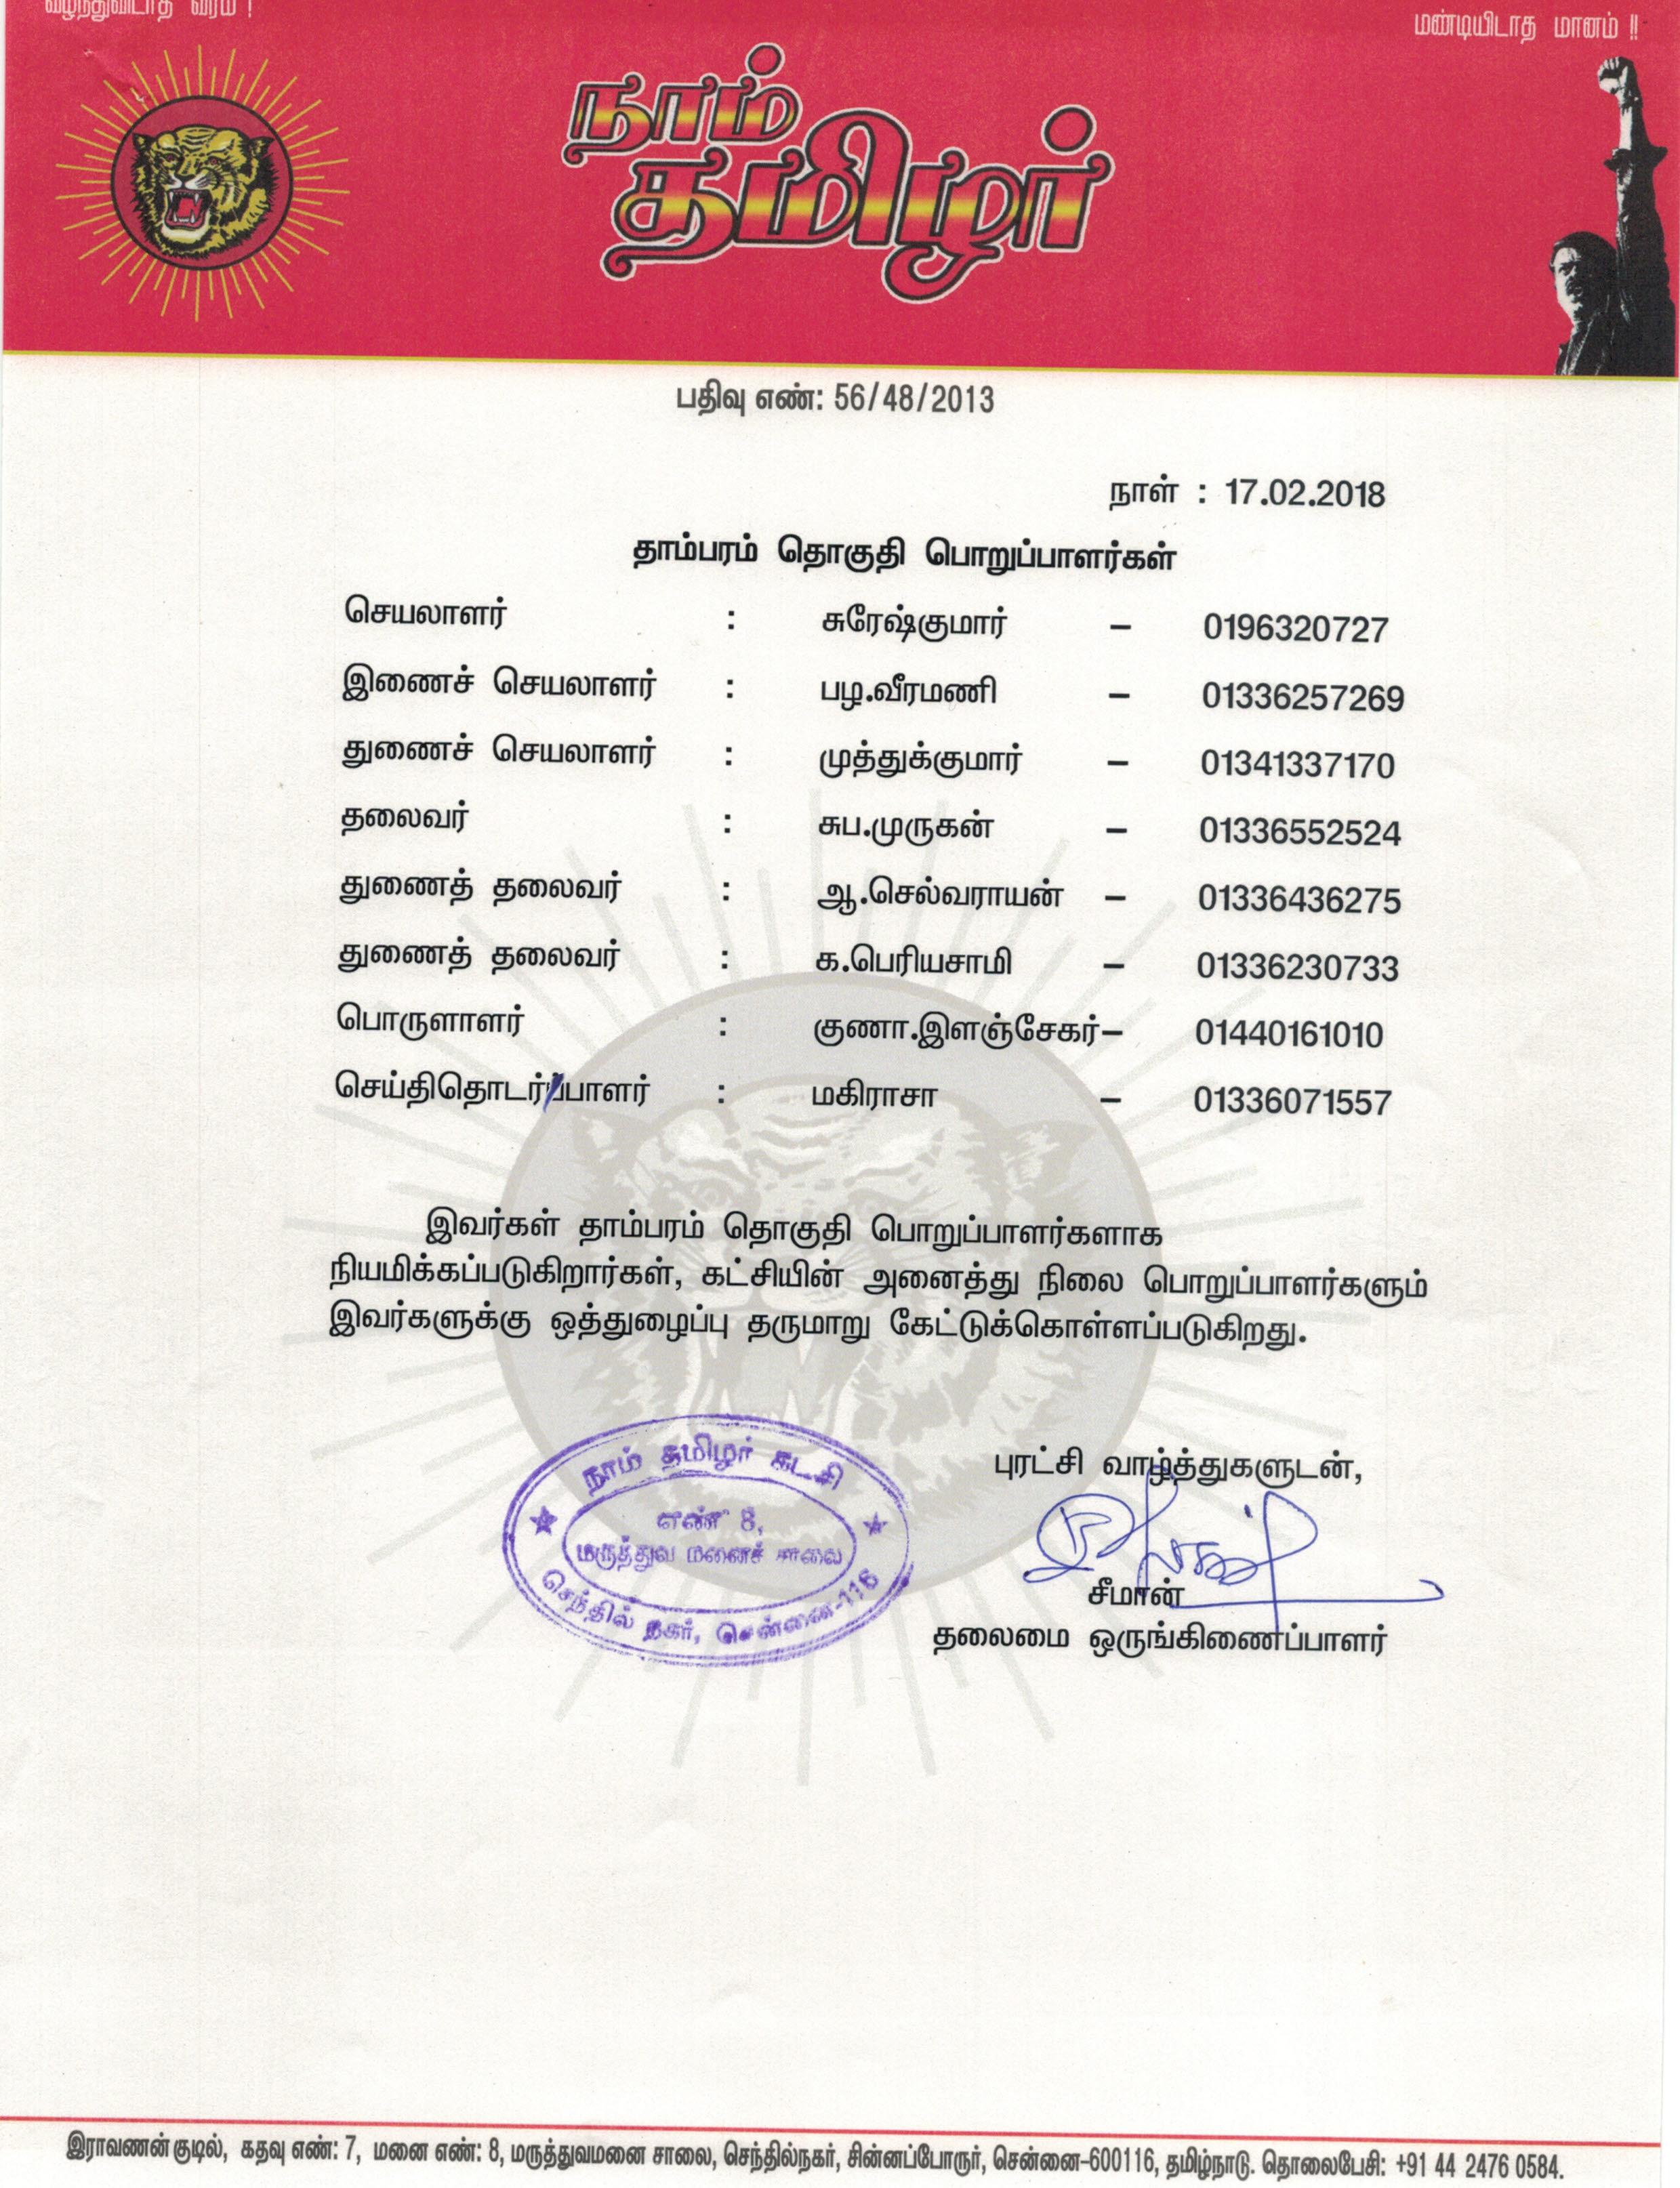 மாவட்டப் பொறுப்பாளர்களுடன் சீமான் சந்திப்பு மற்றும் புதிய நிர்வாகிகள் நியமனம் – (காஞ்சிபுரம் : கிழக்கு மண்டலம் ) seeman announced thambaram constituency naam tamilar katchi authorities 2018